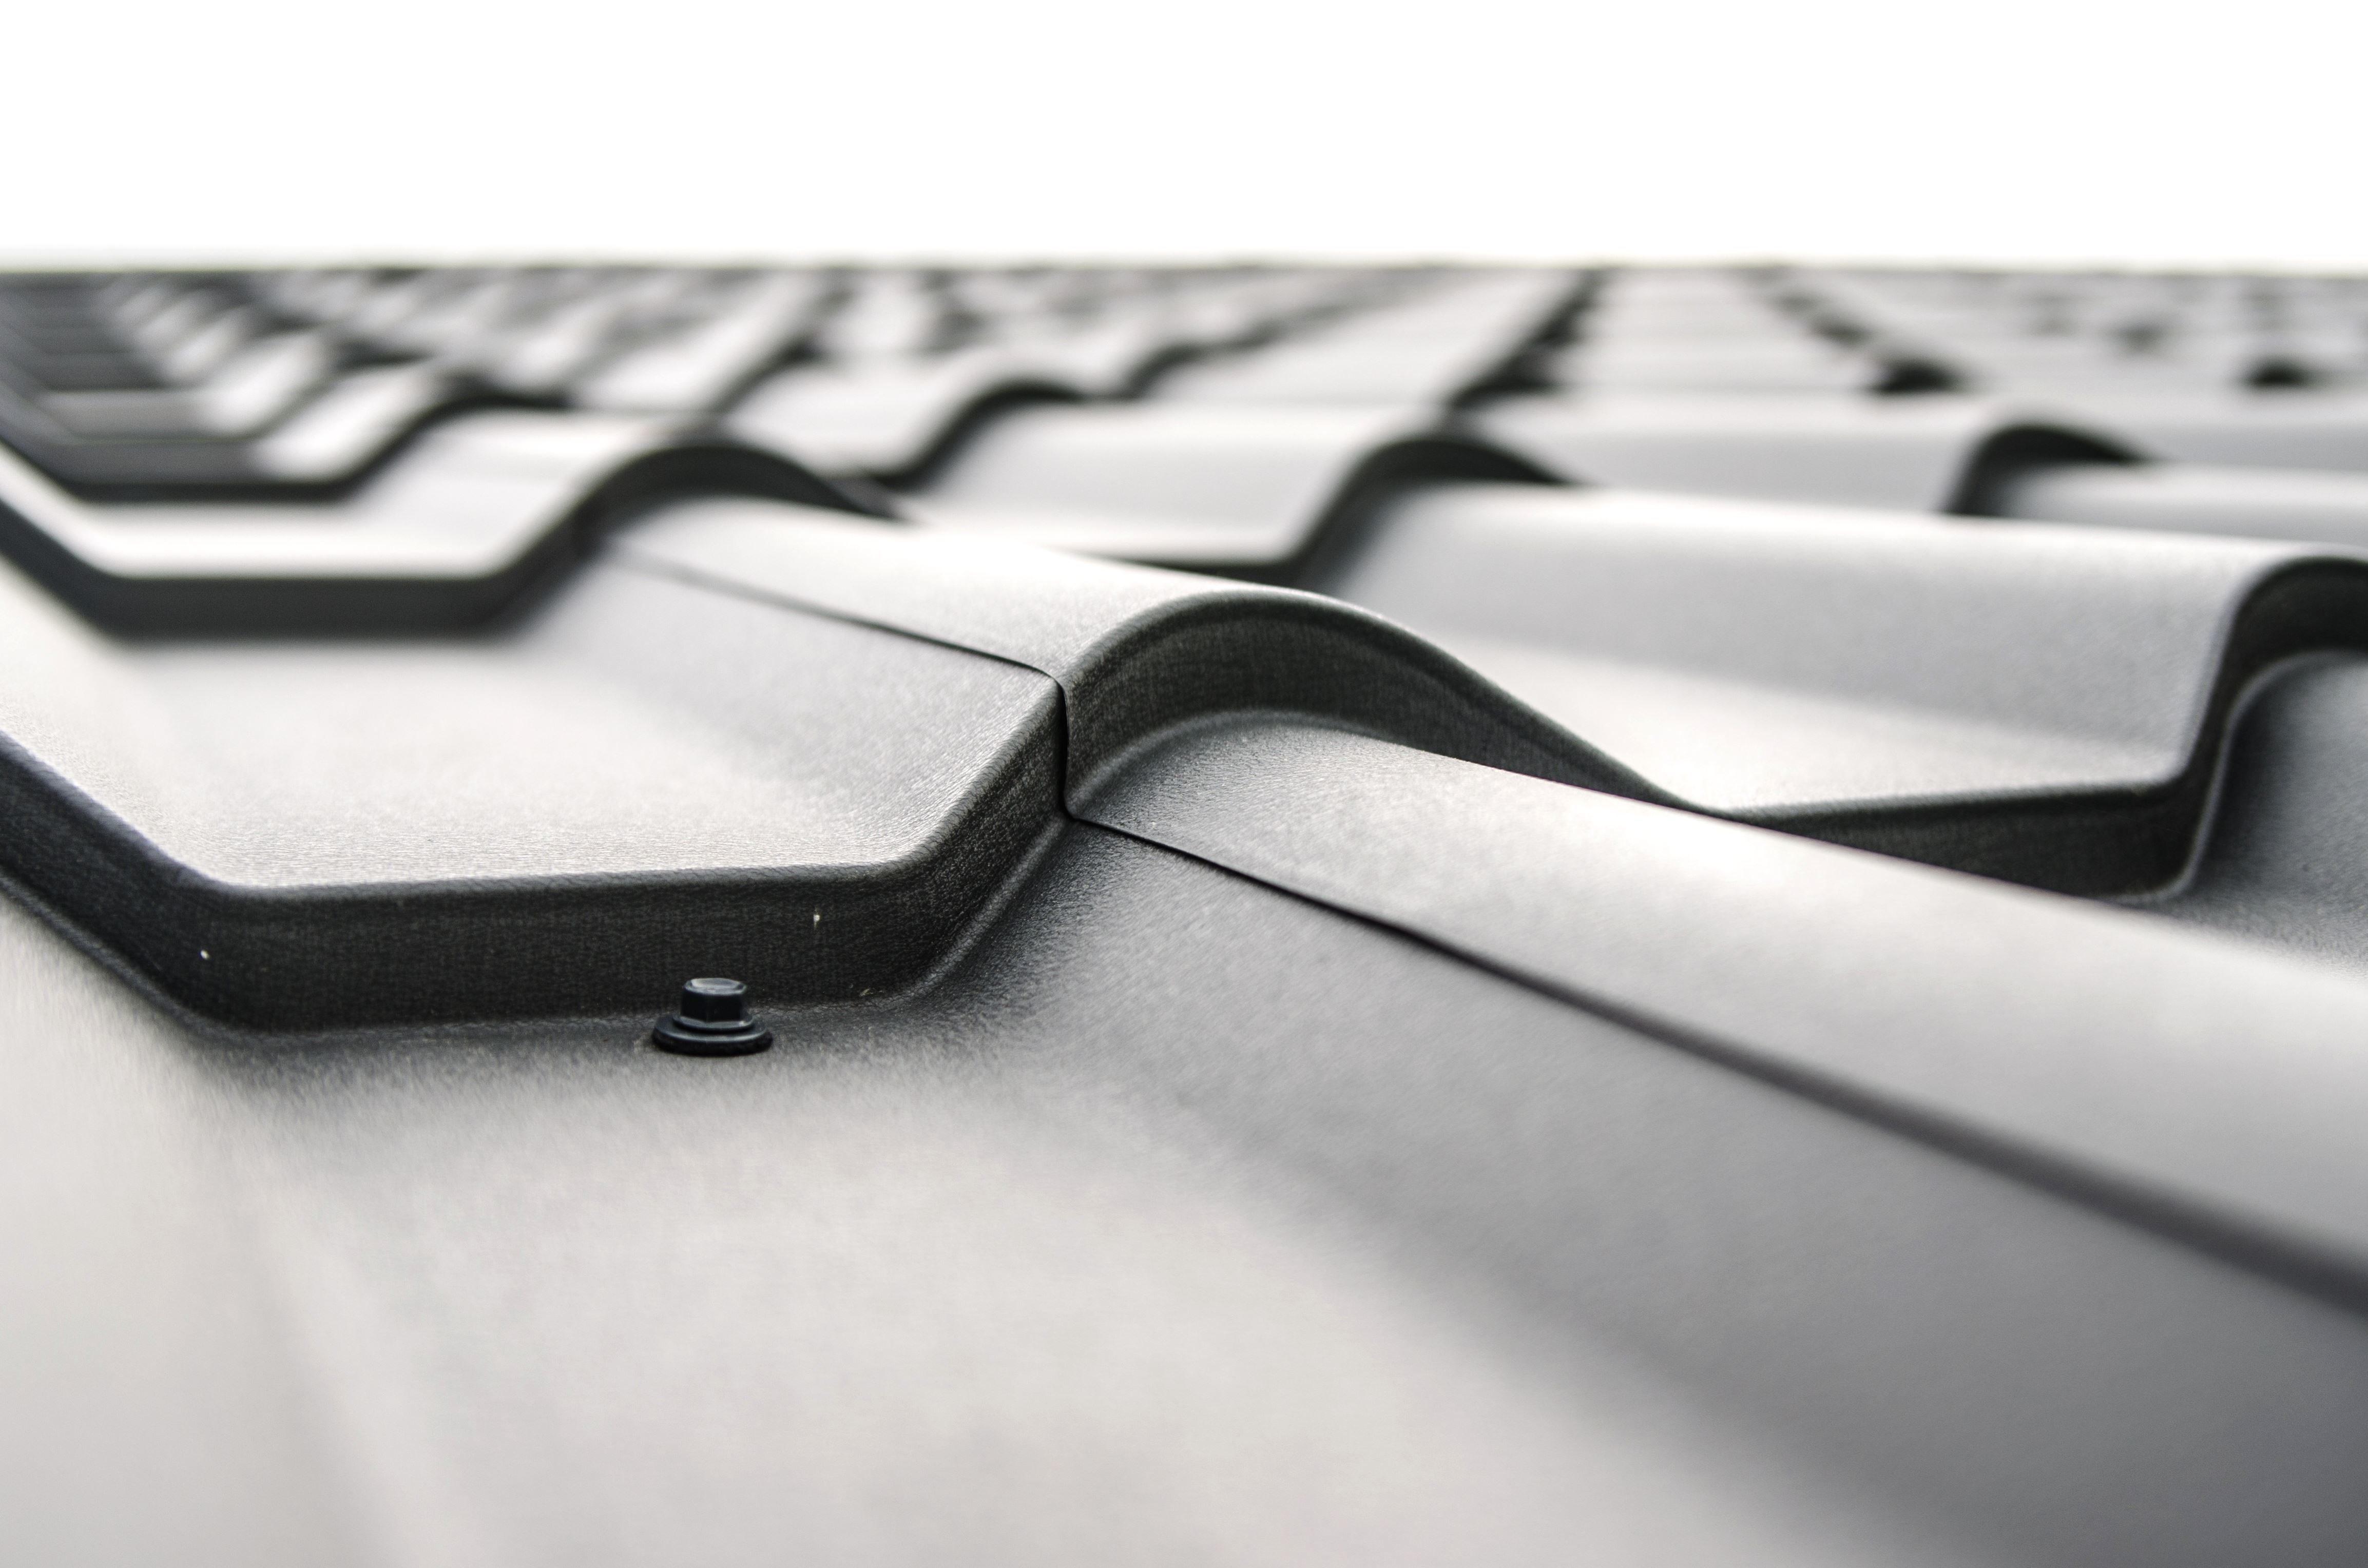 Foto gratis: tetto acciaio lamiera piastrelle architettura rivetti